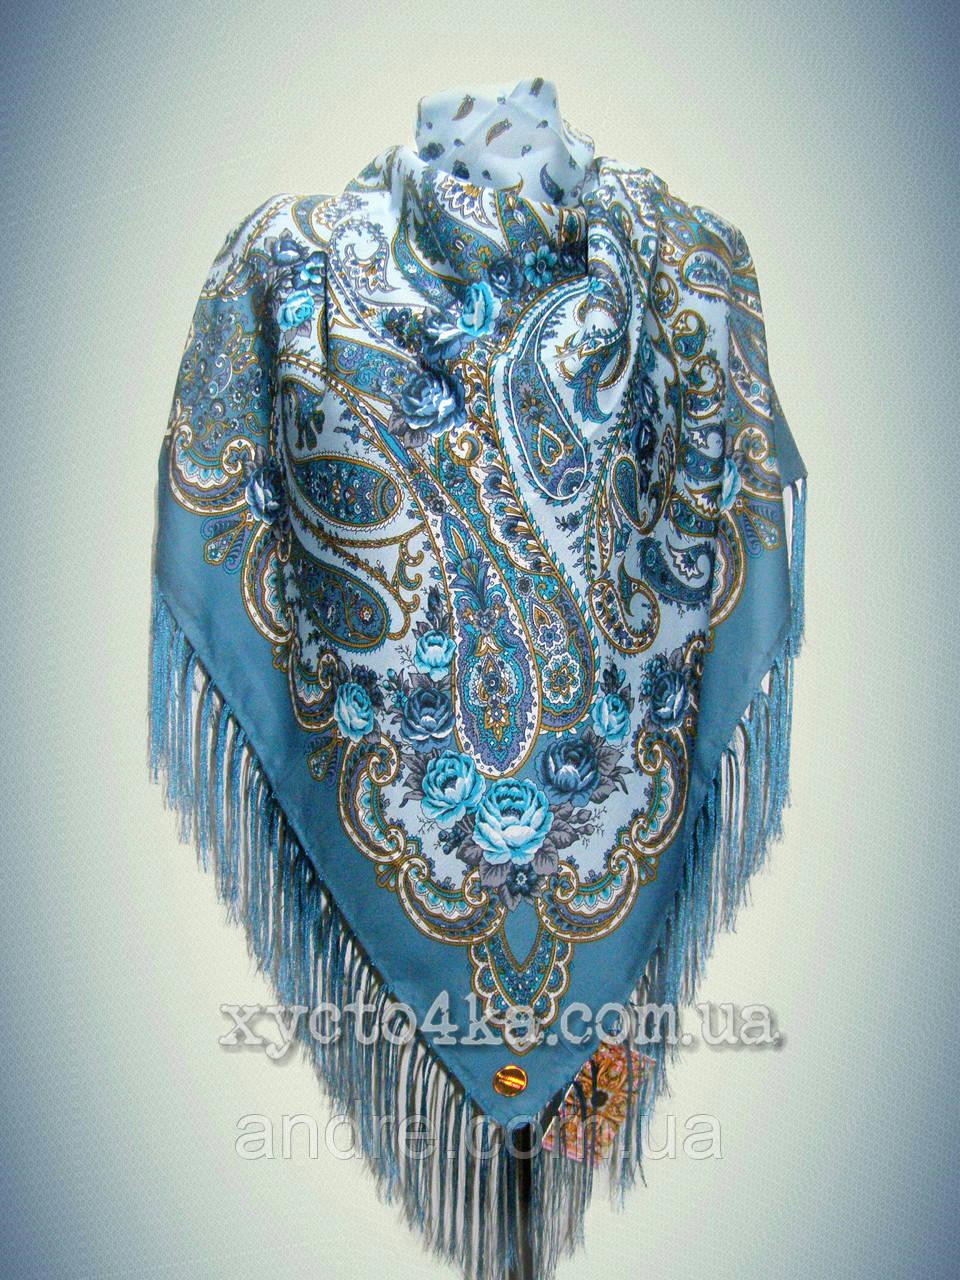 Шерстяной платок дары востока, бирюза